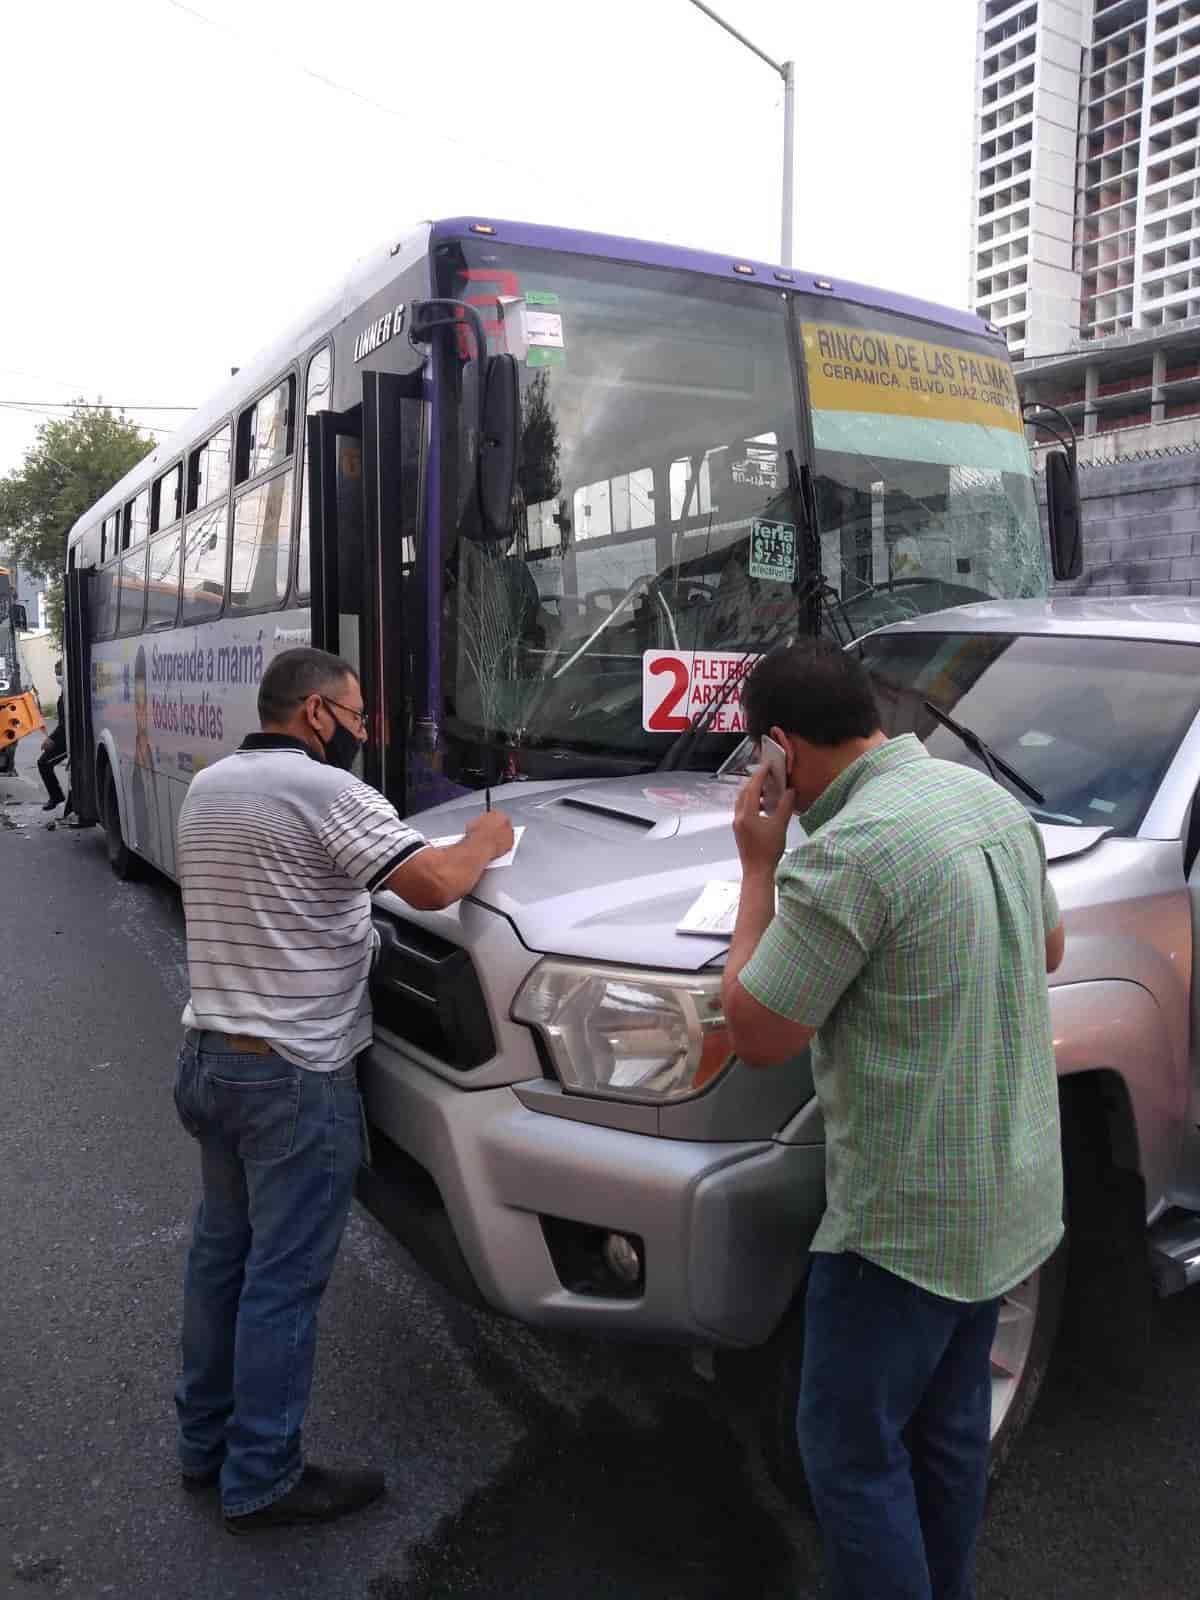 Después de que iban jugando carreritas, dos unidades del transporte urbano chocaron